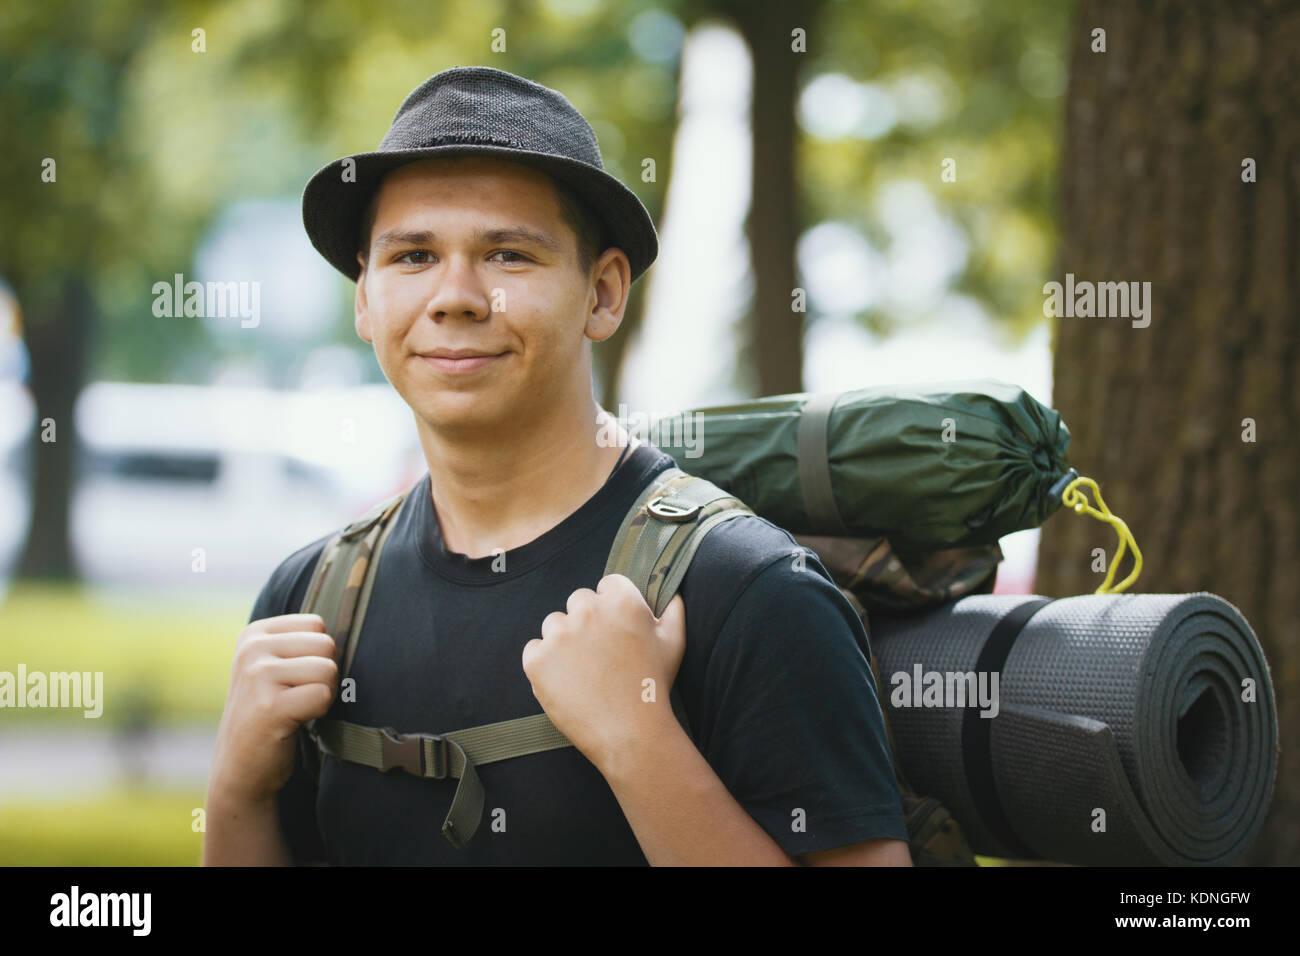 Ritratto di un giovane uomo di turisti in hat con zaino outdoor Immagini Stock